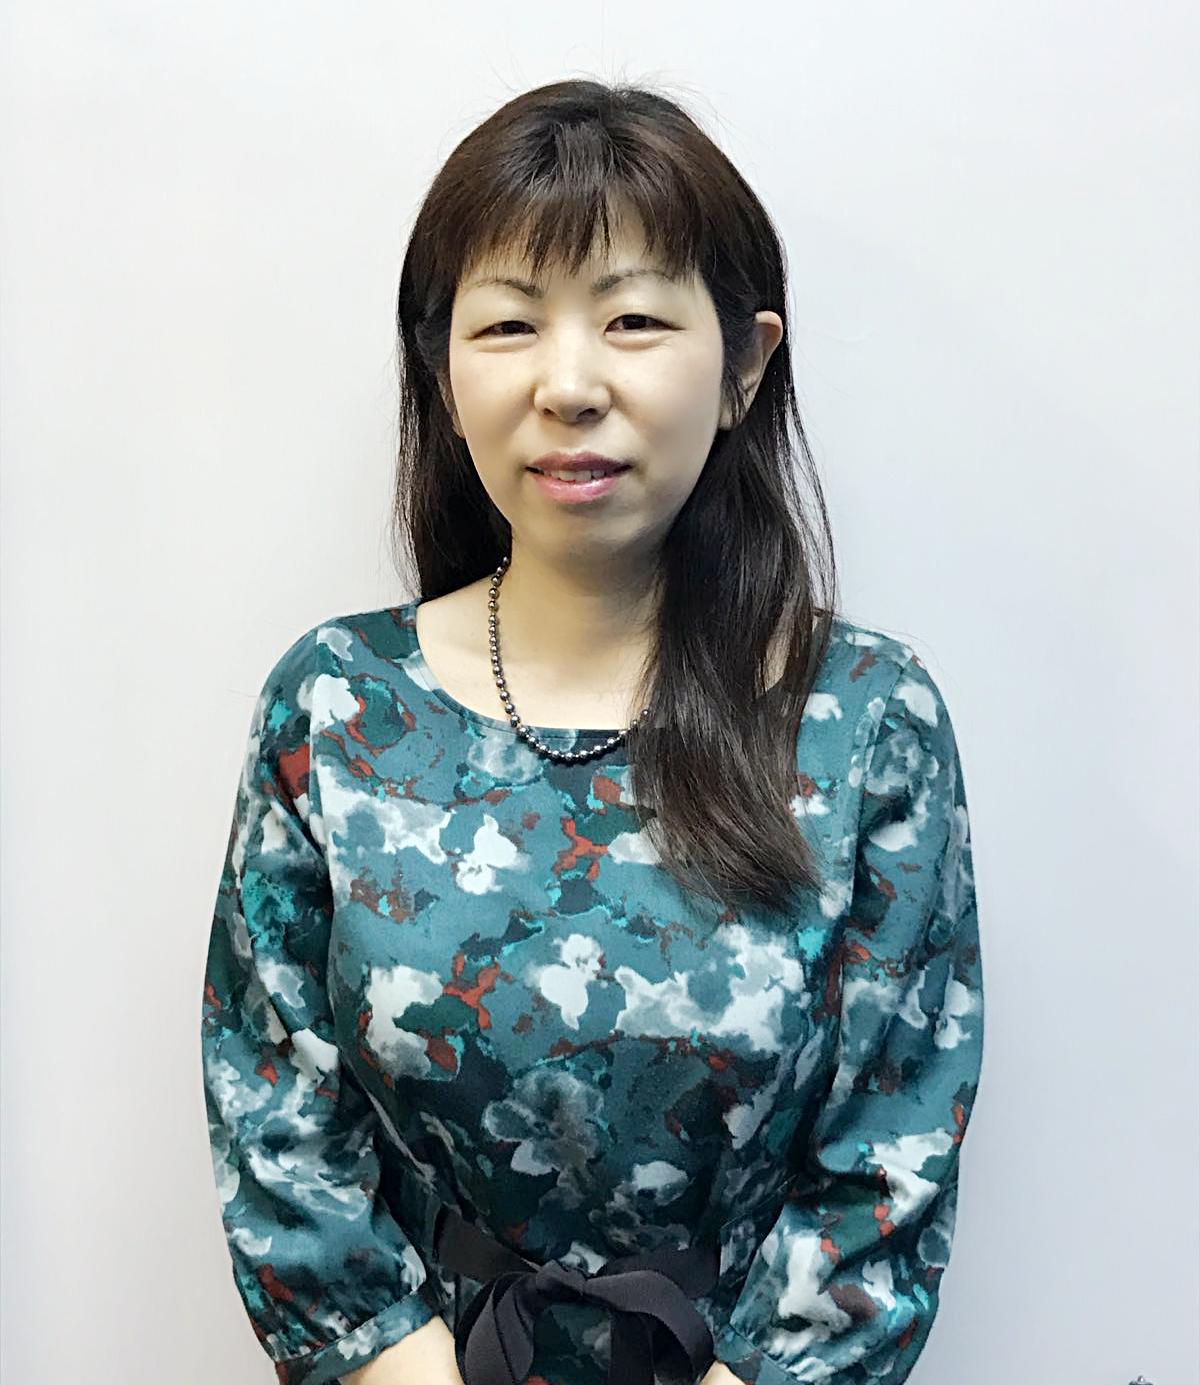 鎌田千賀子